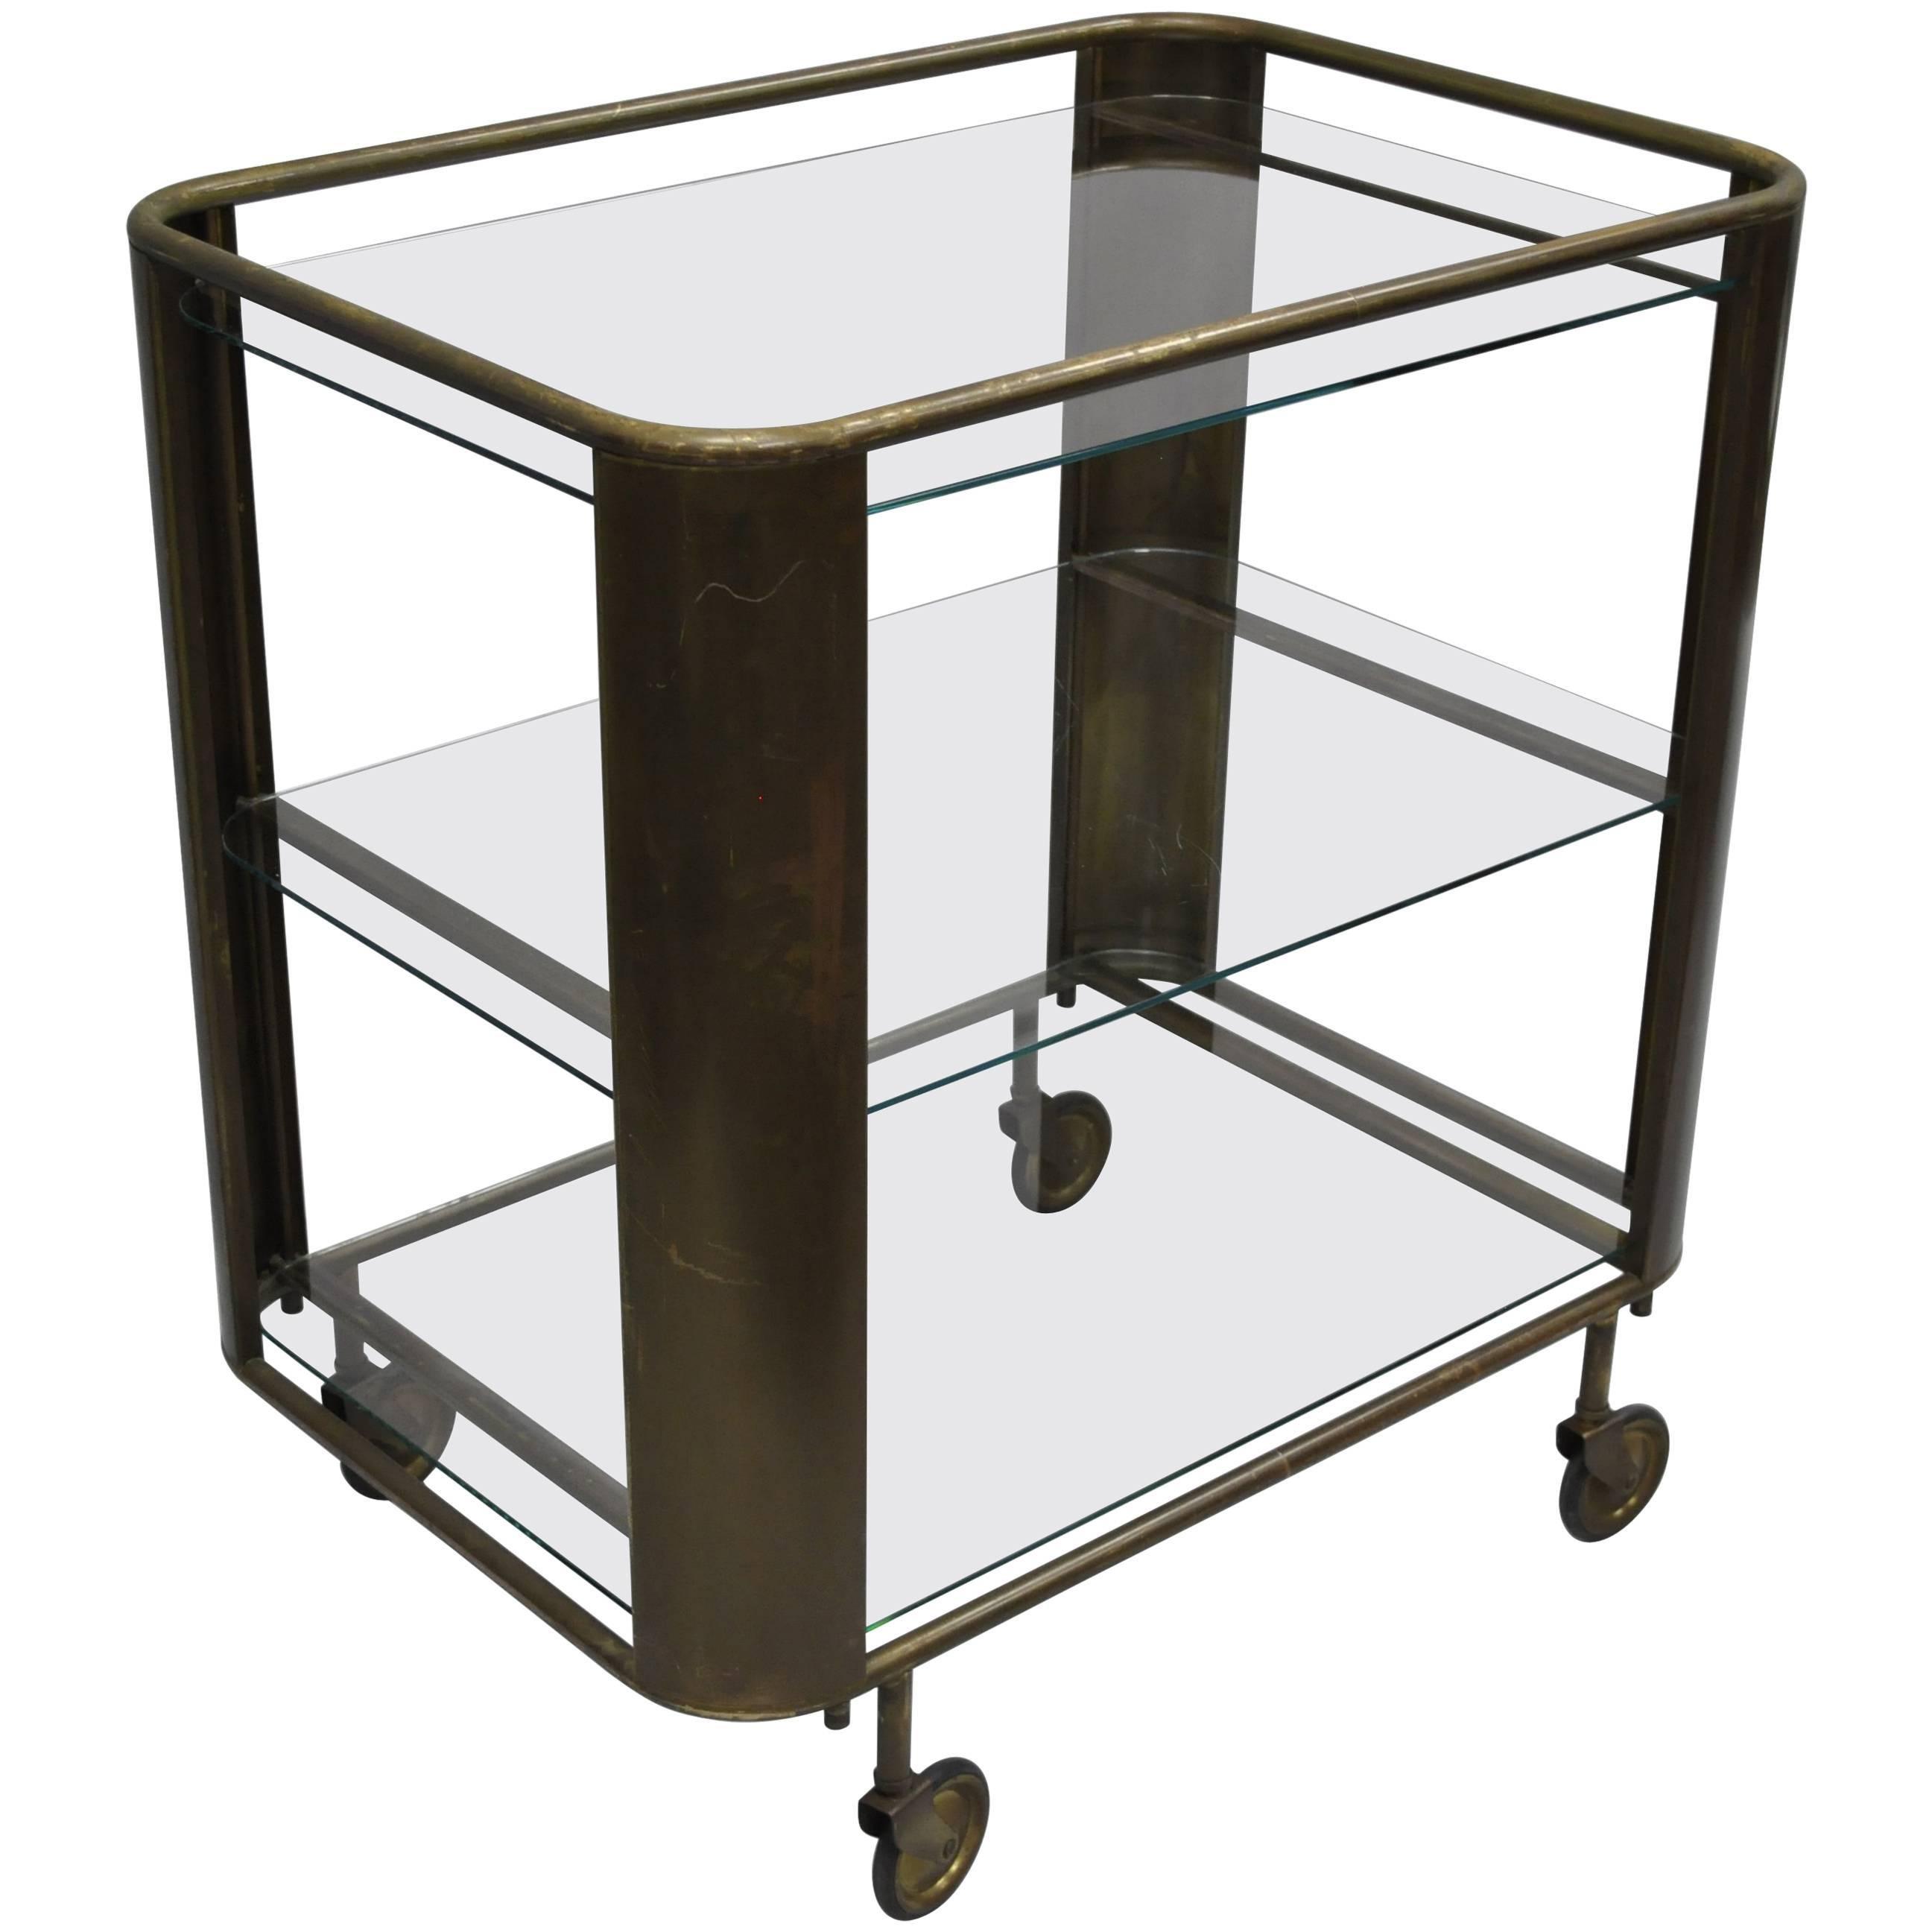 Mid Century Modern Italian Brass and Glass Modernist Bar Tea Cart Trolley Server